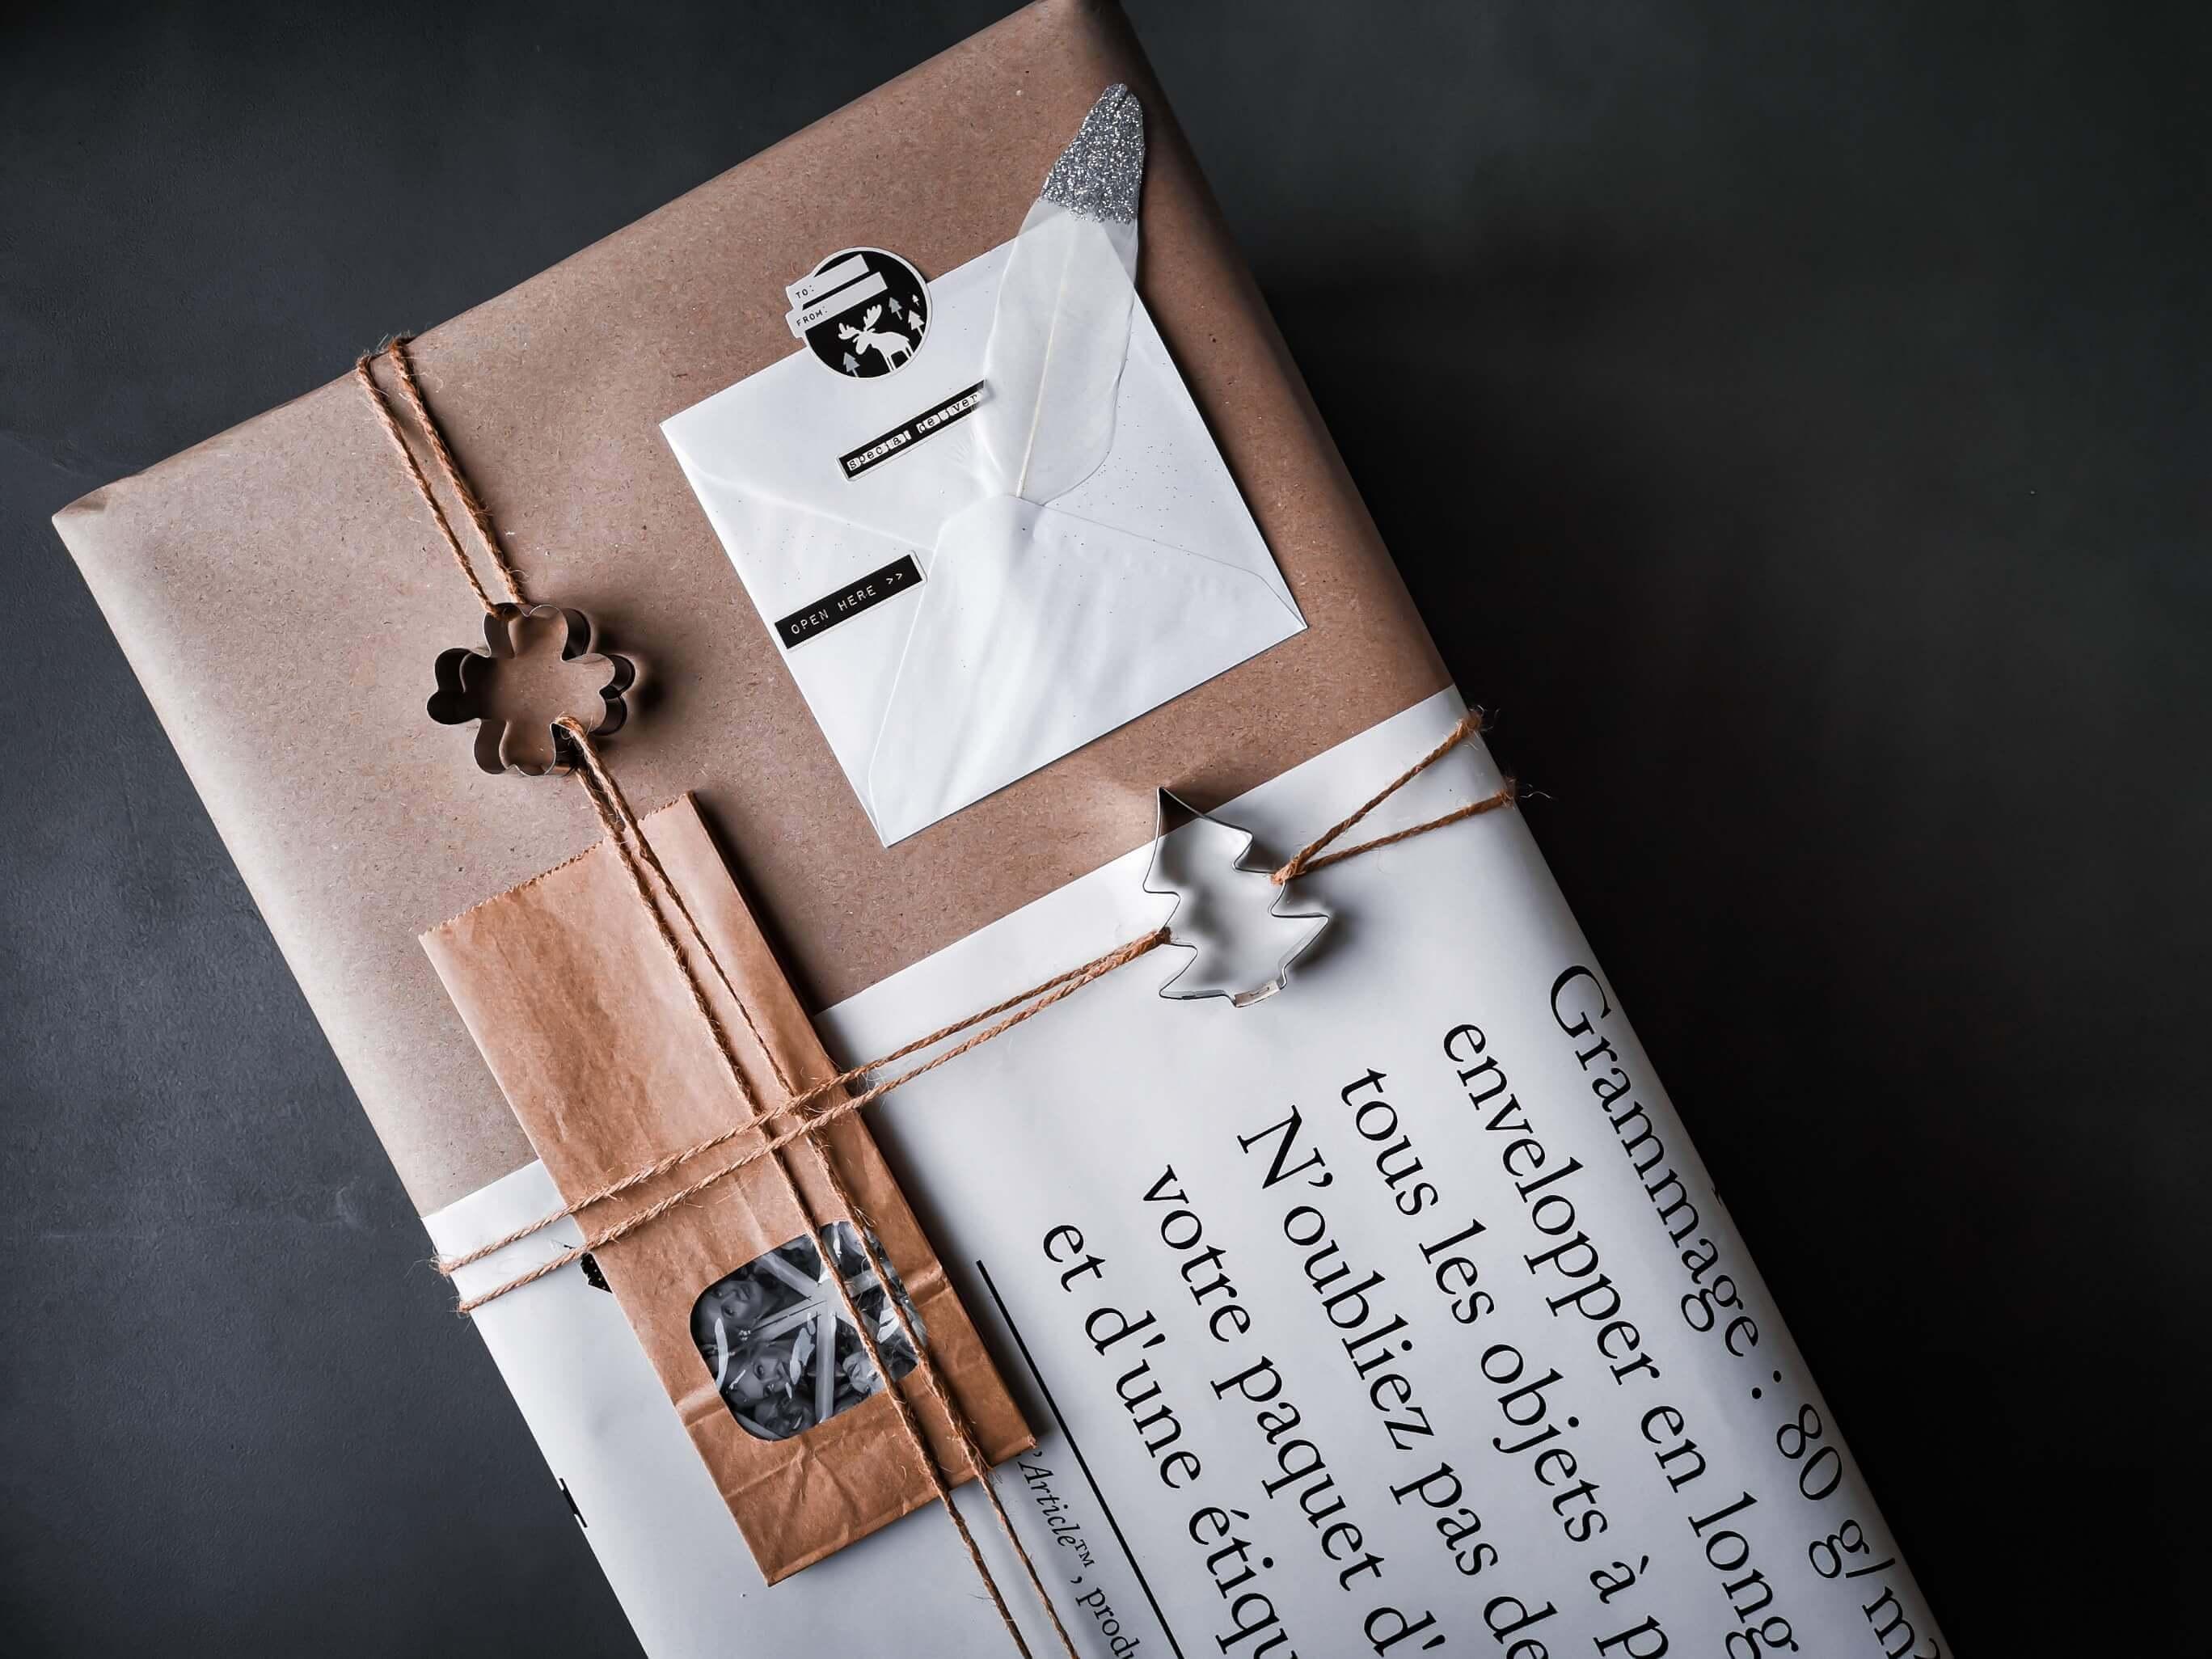 IMG 20191208 104322 resized 20191208 060151072 e1575839266694 - 11 tipov ako zabaliť vianočné darčeky originálne a kreatívne